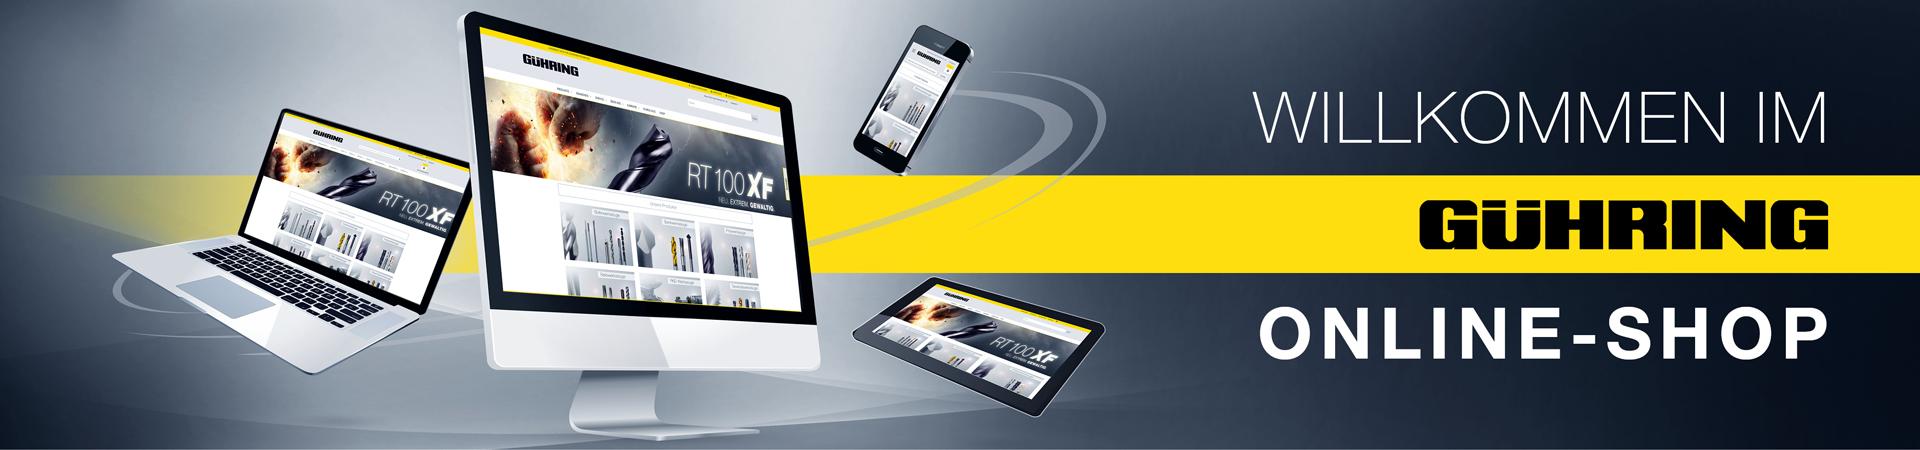 Willkommen im Gühring Online-Shop